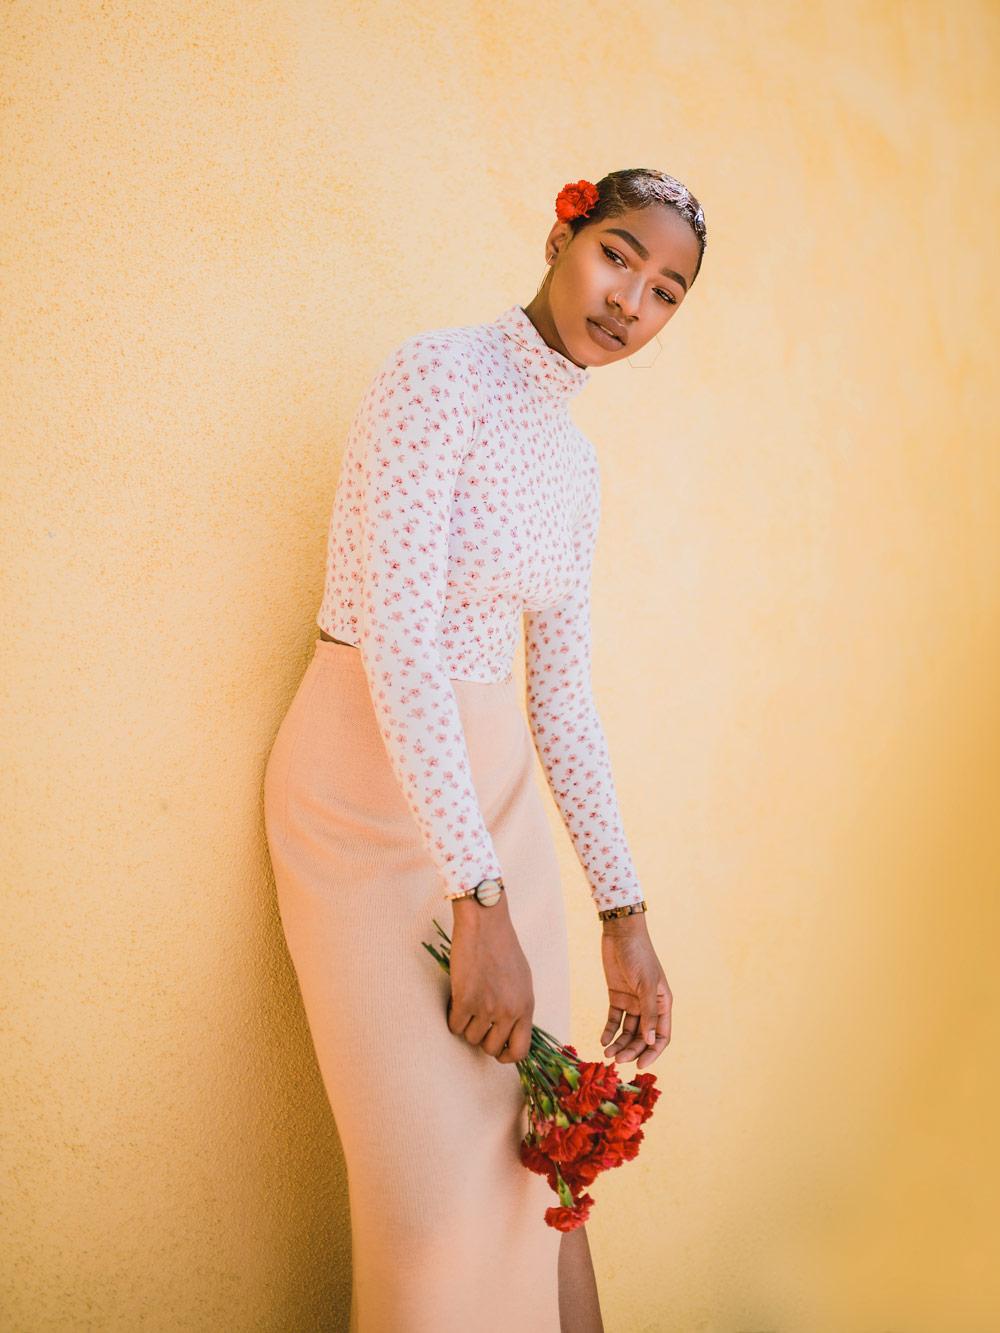 mayah-flowers.jpg